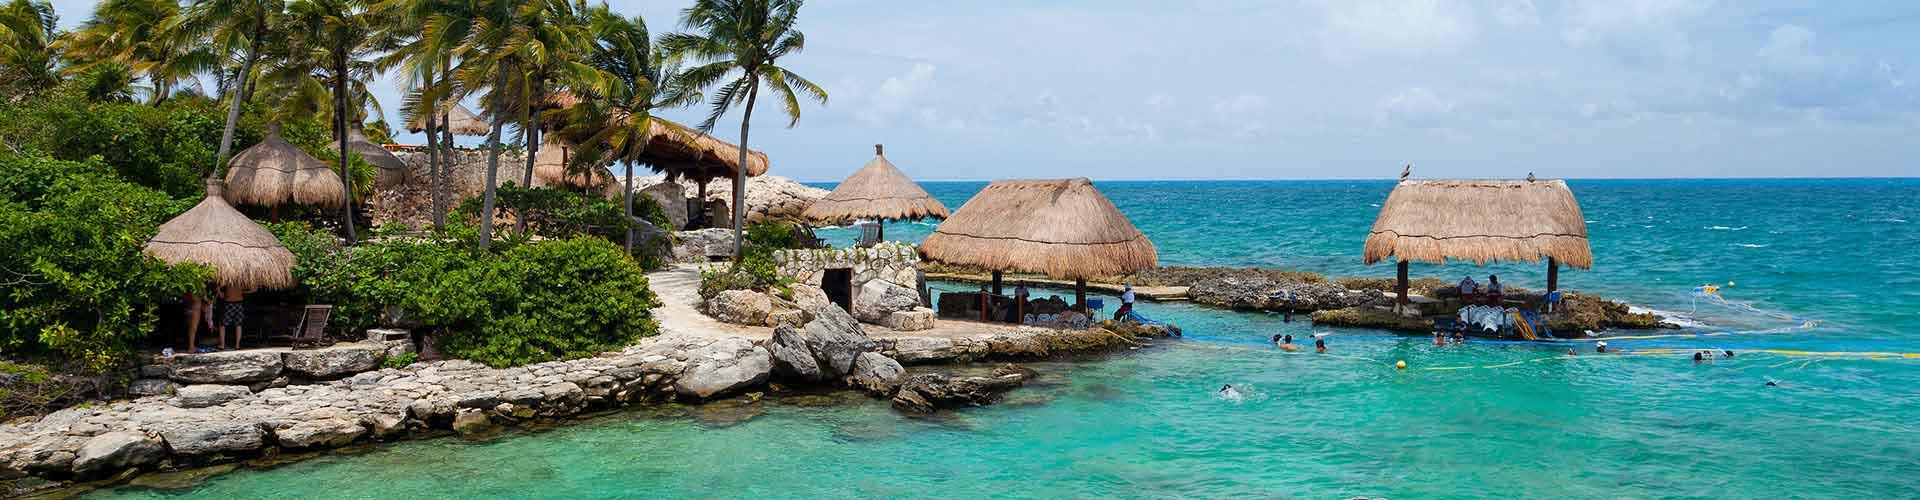 Cancun – Hostels in Cancun. Cancun auf der Karte. Fotos und Bewertungen für jedes Hostel in Cancun.